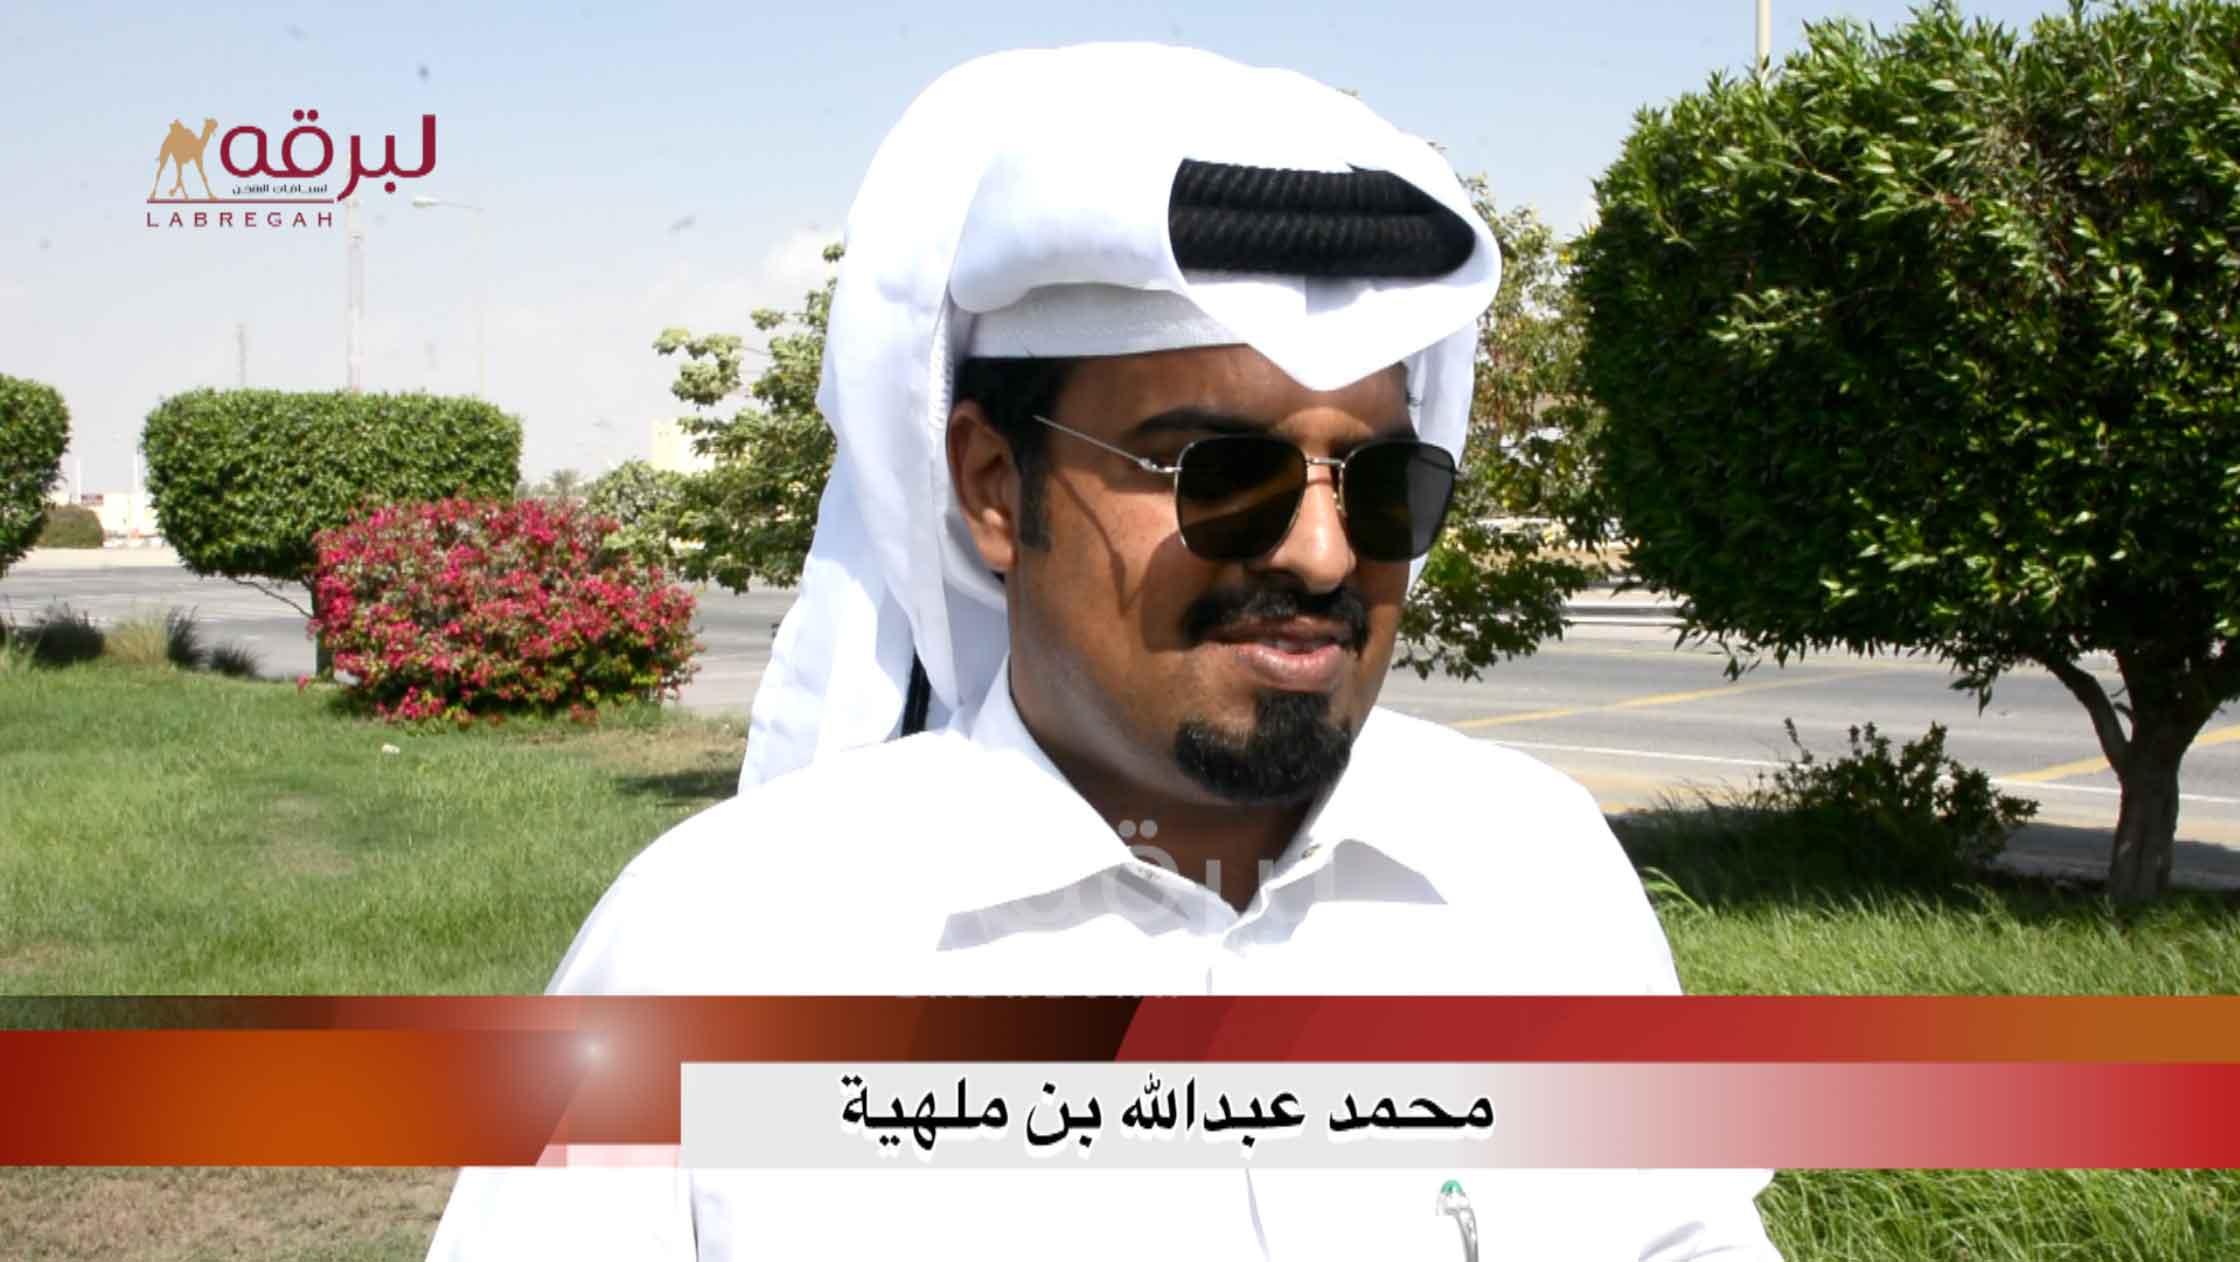 لقاء مع محمد عبدالله بن ملهية.. الشوط الرئيسي للجذاع بكار إنتاج الأشواط العامة  ٧-١١-٢٠٢٠